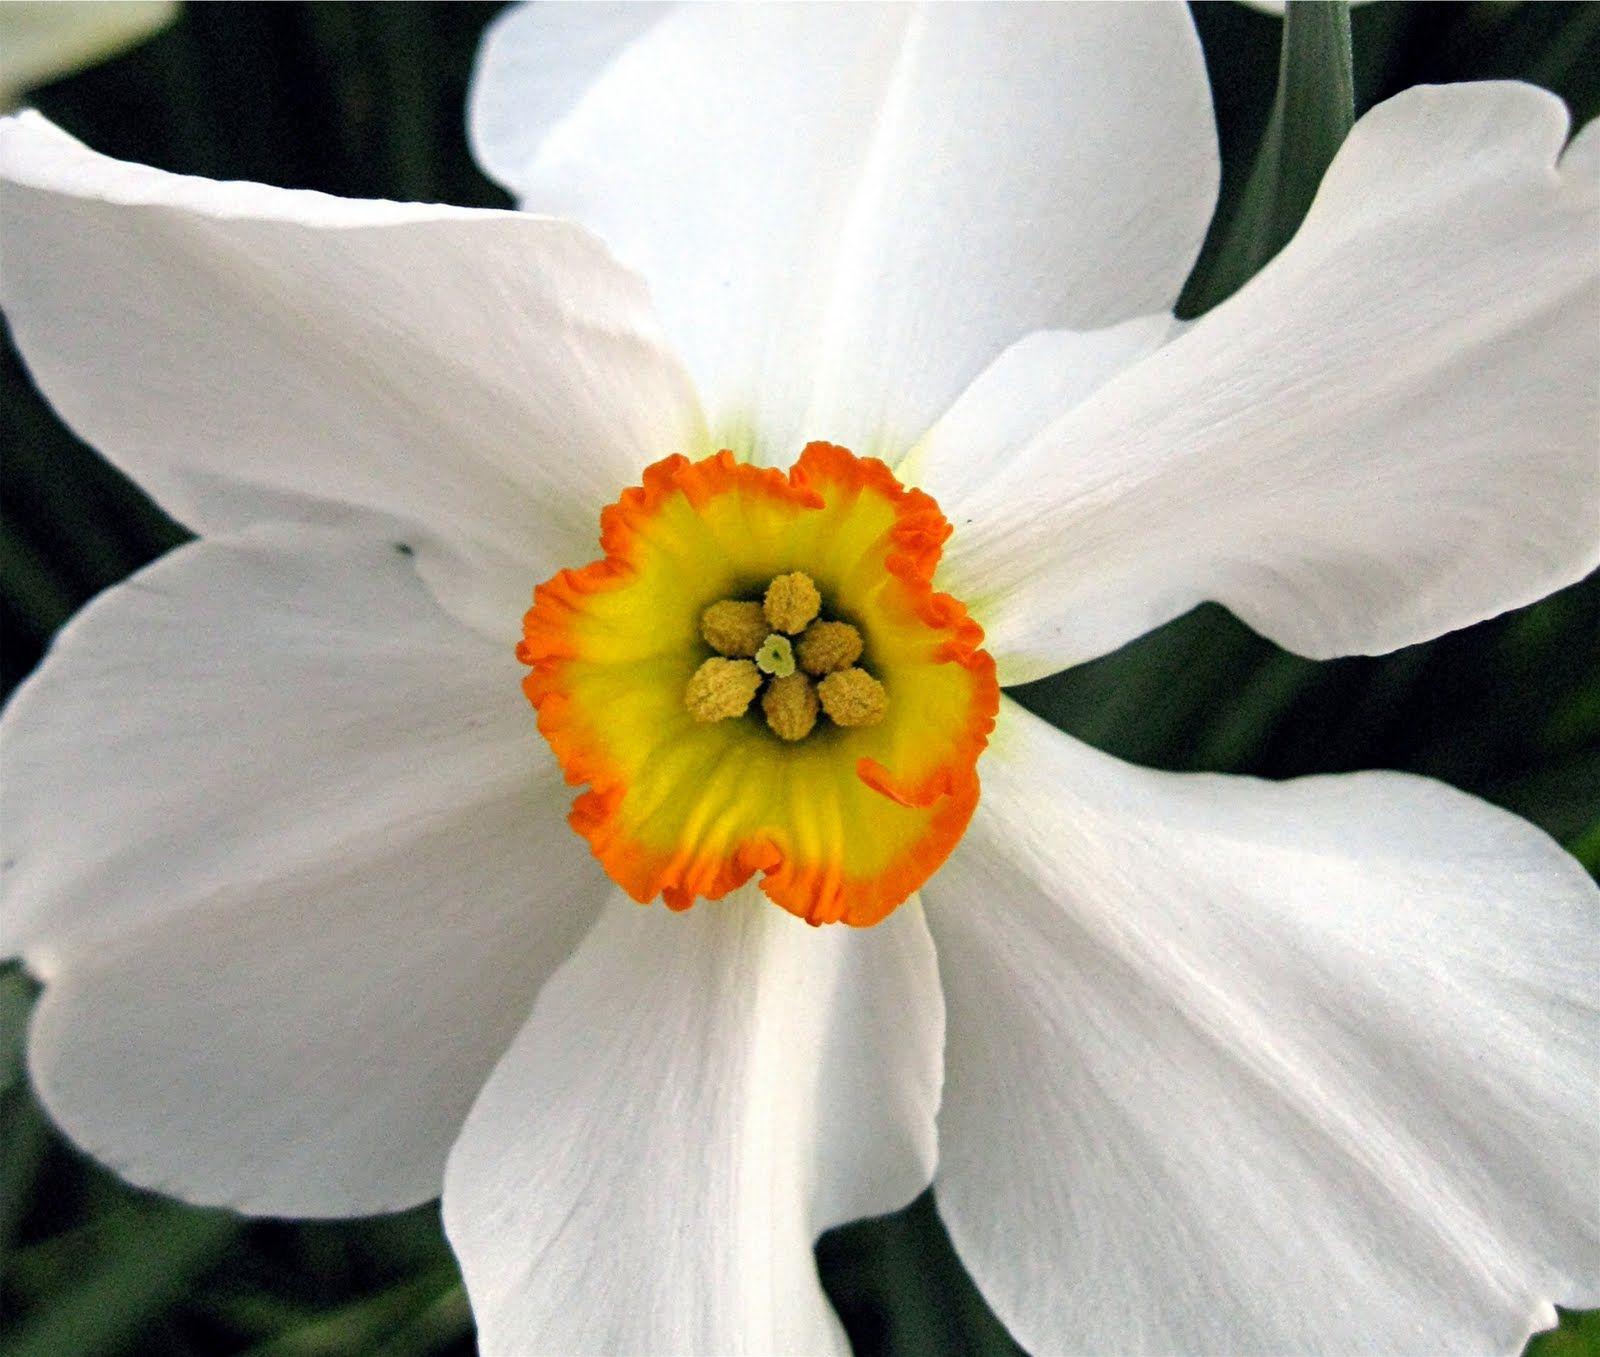 December flower. Narcissus Blommor